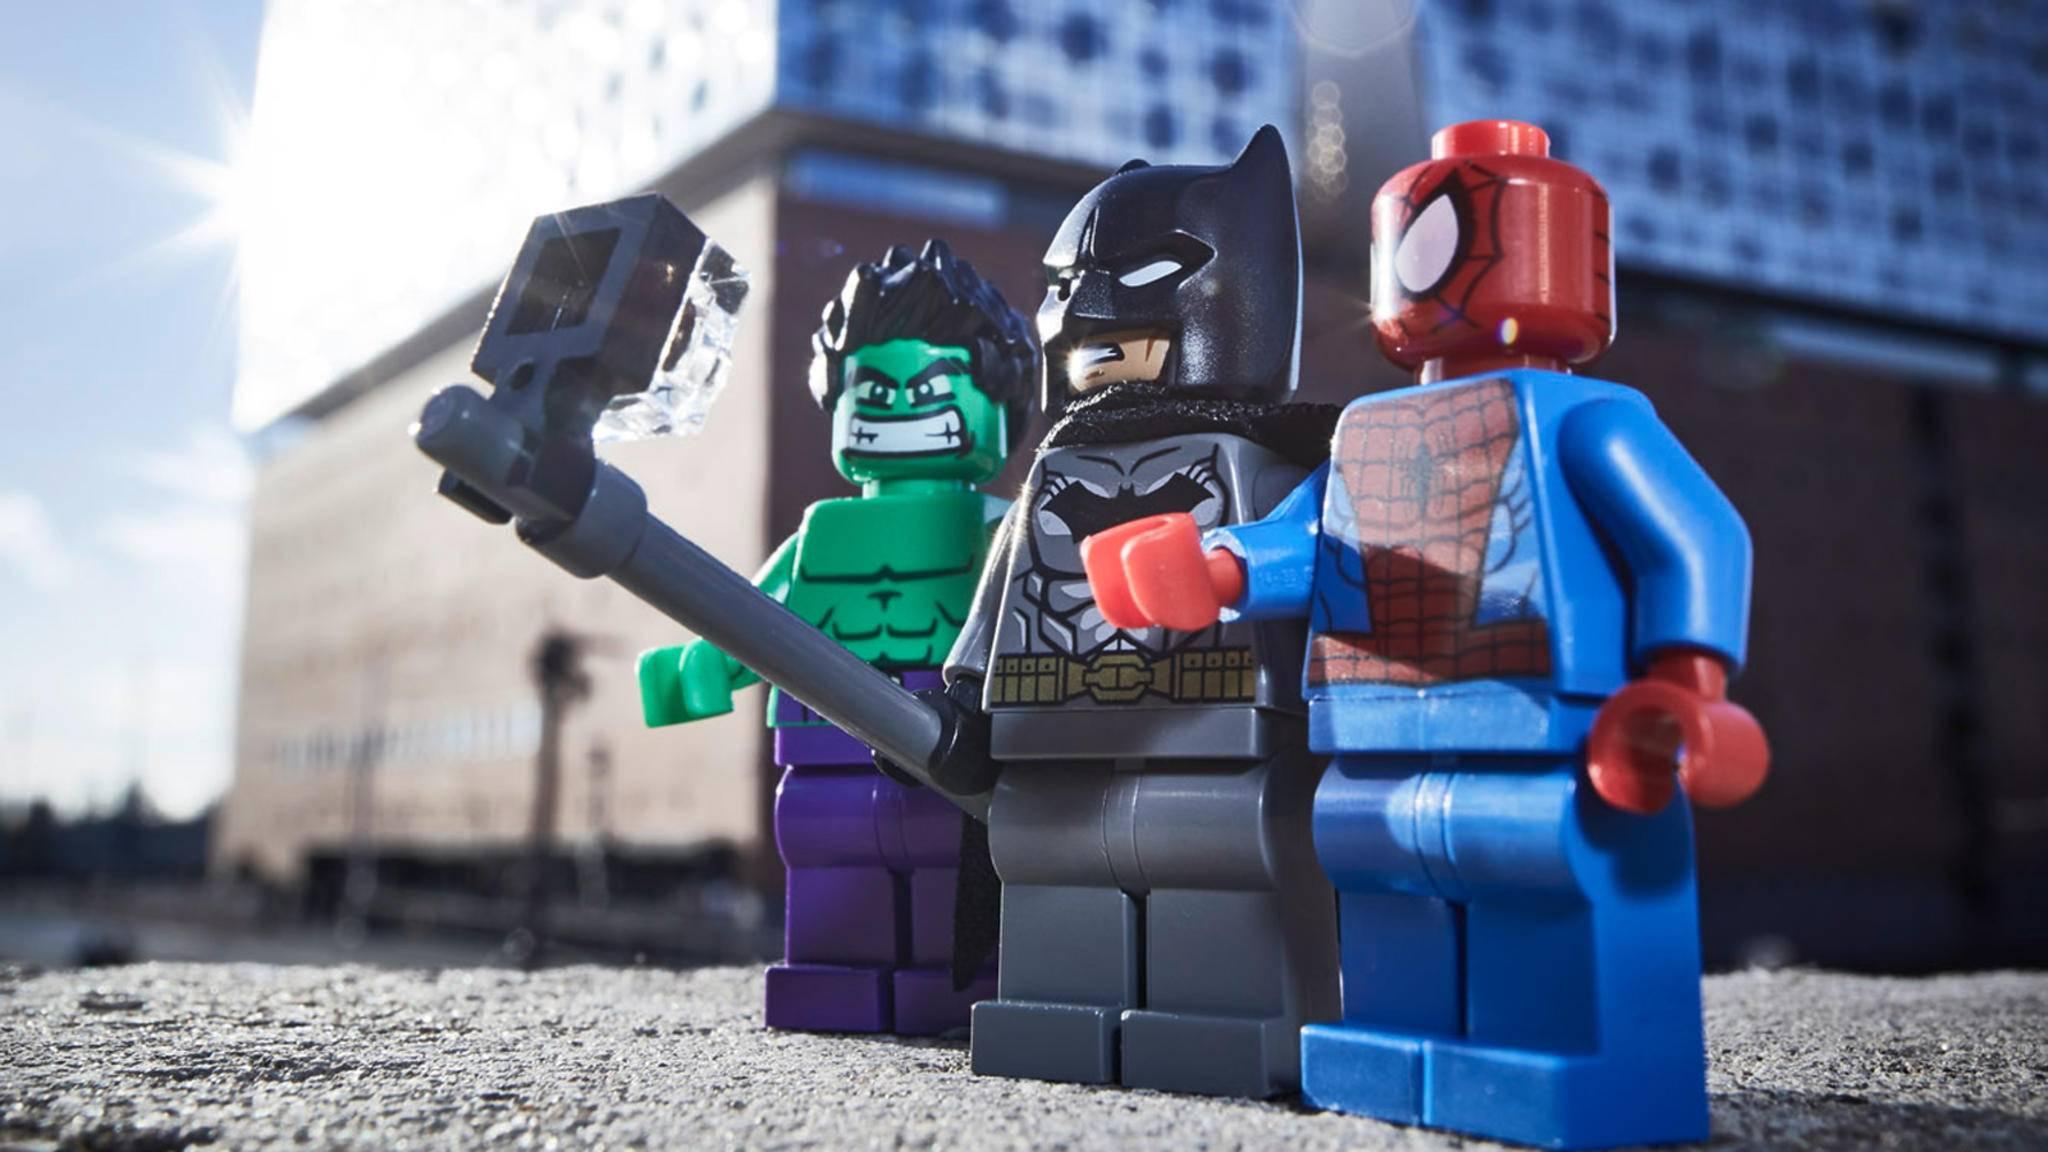 Werden Marvel- und DC-Superhelden jemals gemeinsam friedliche Sightseeing-Touren machen?